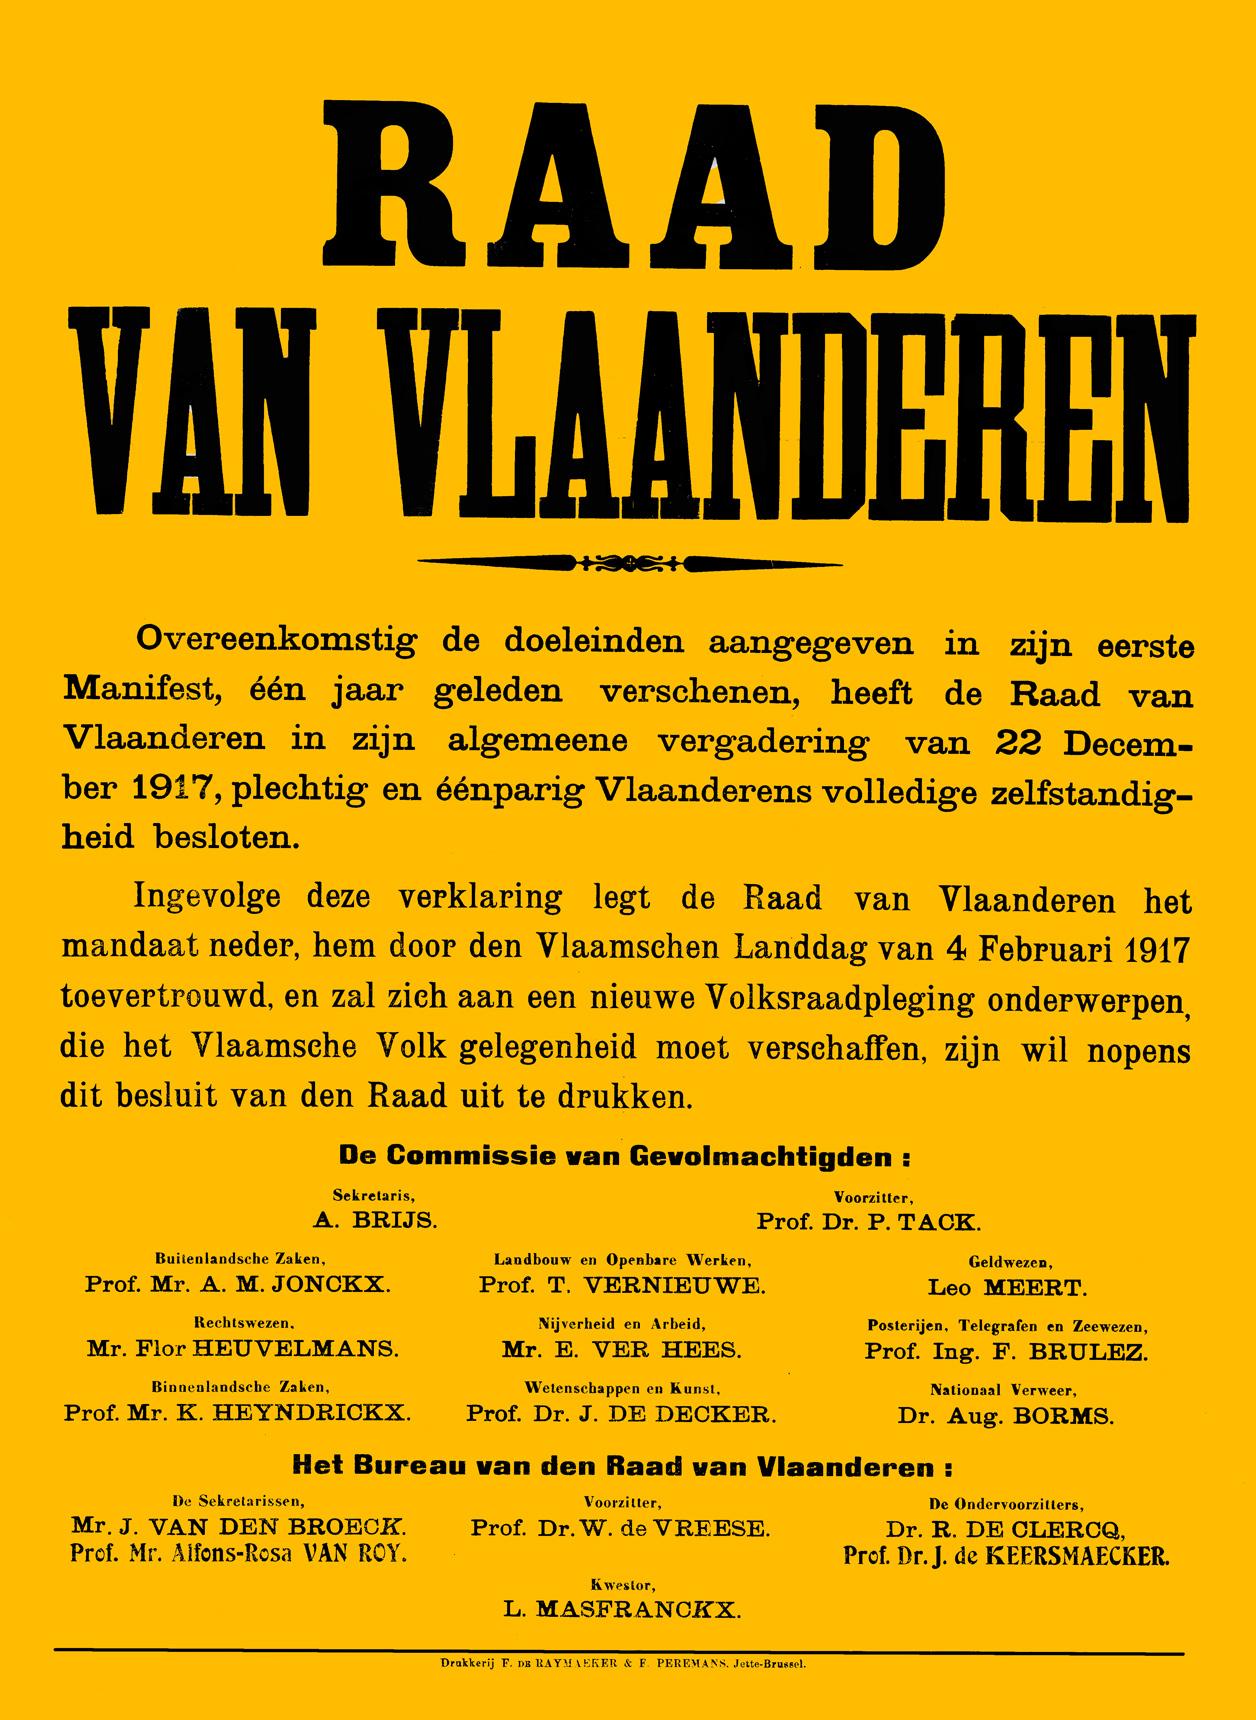 Raad van Vlaanderen 22 december 1917 afkondiging zelfstandigheid.